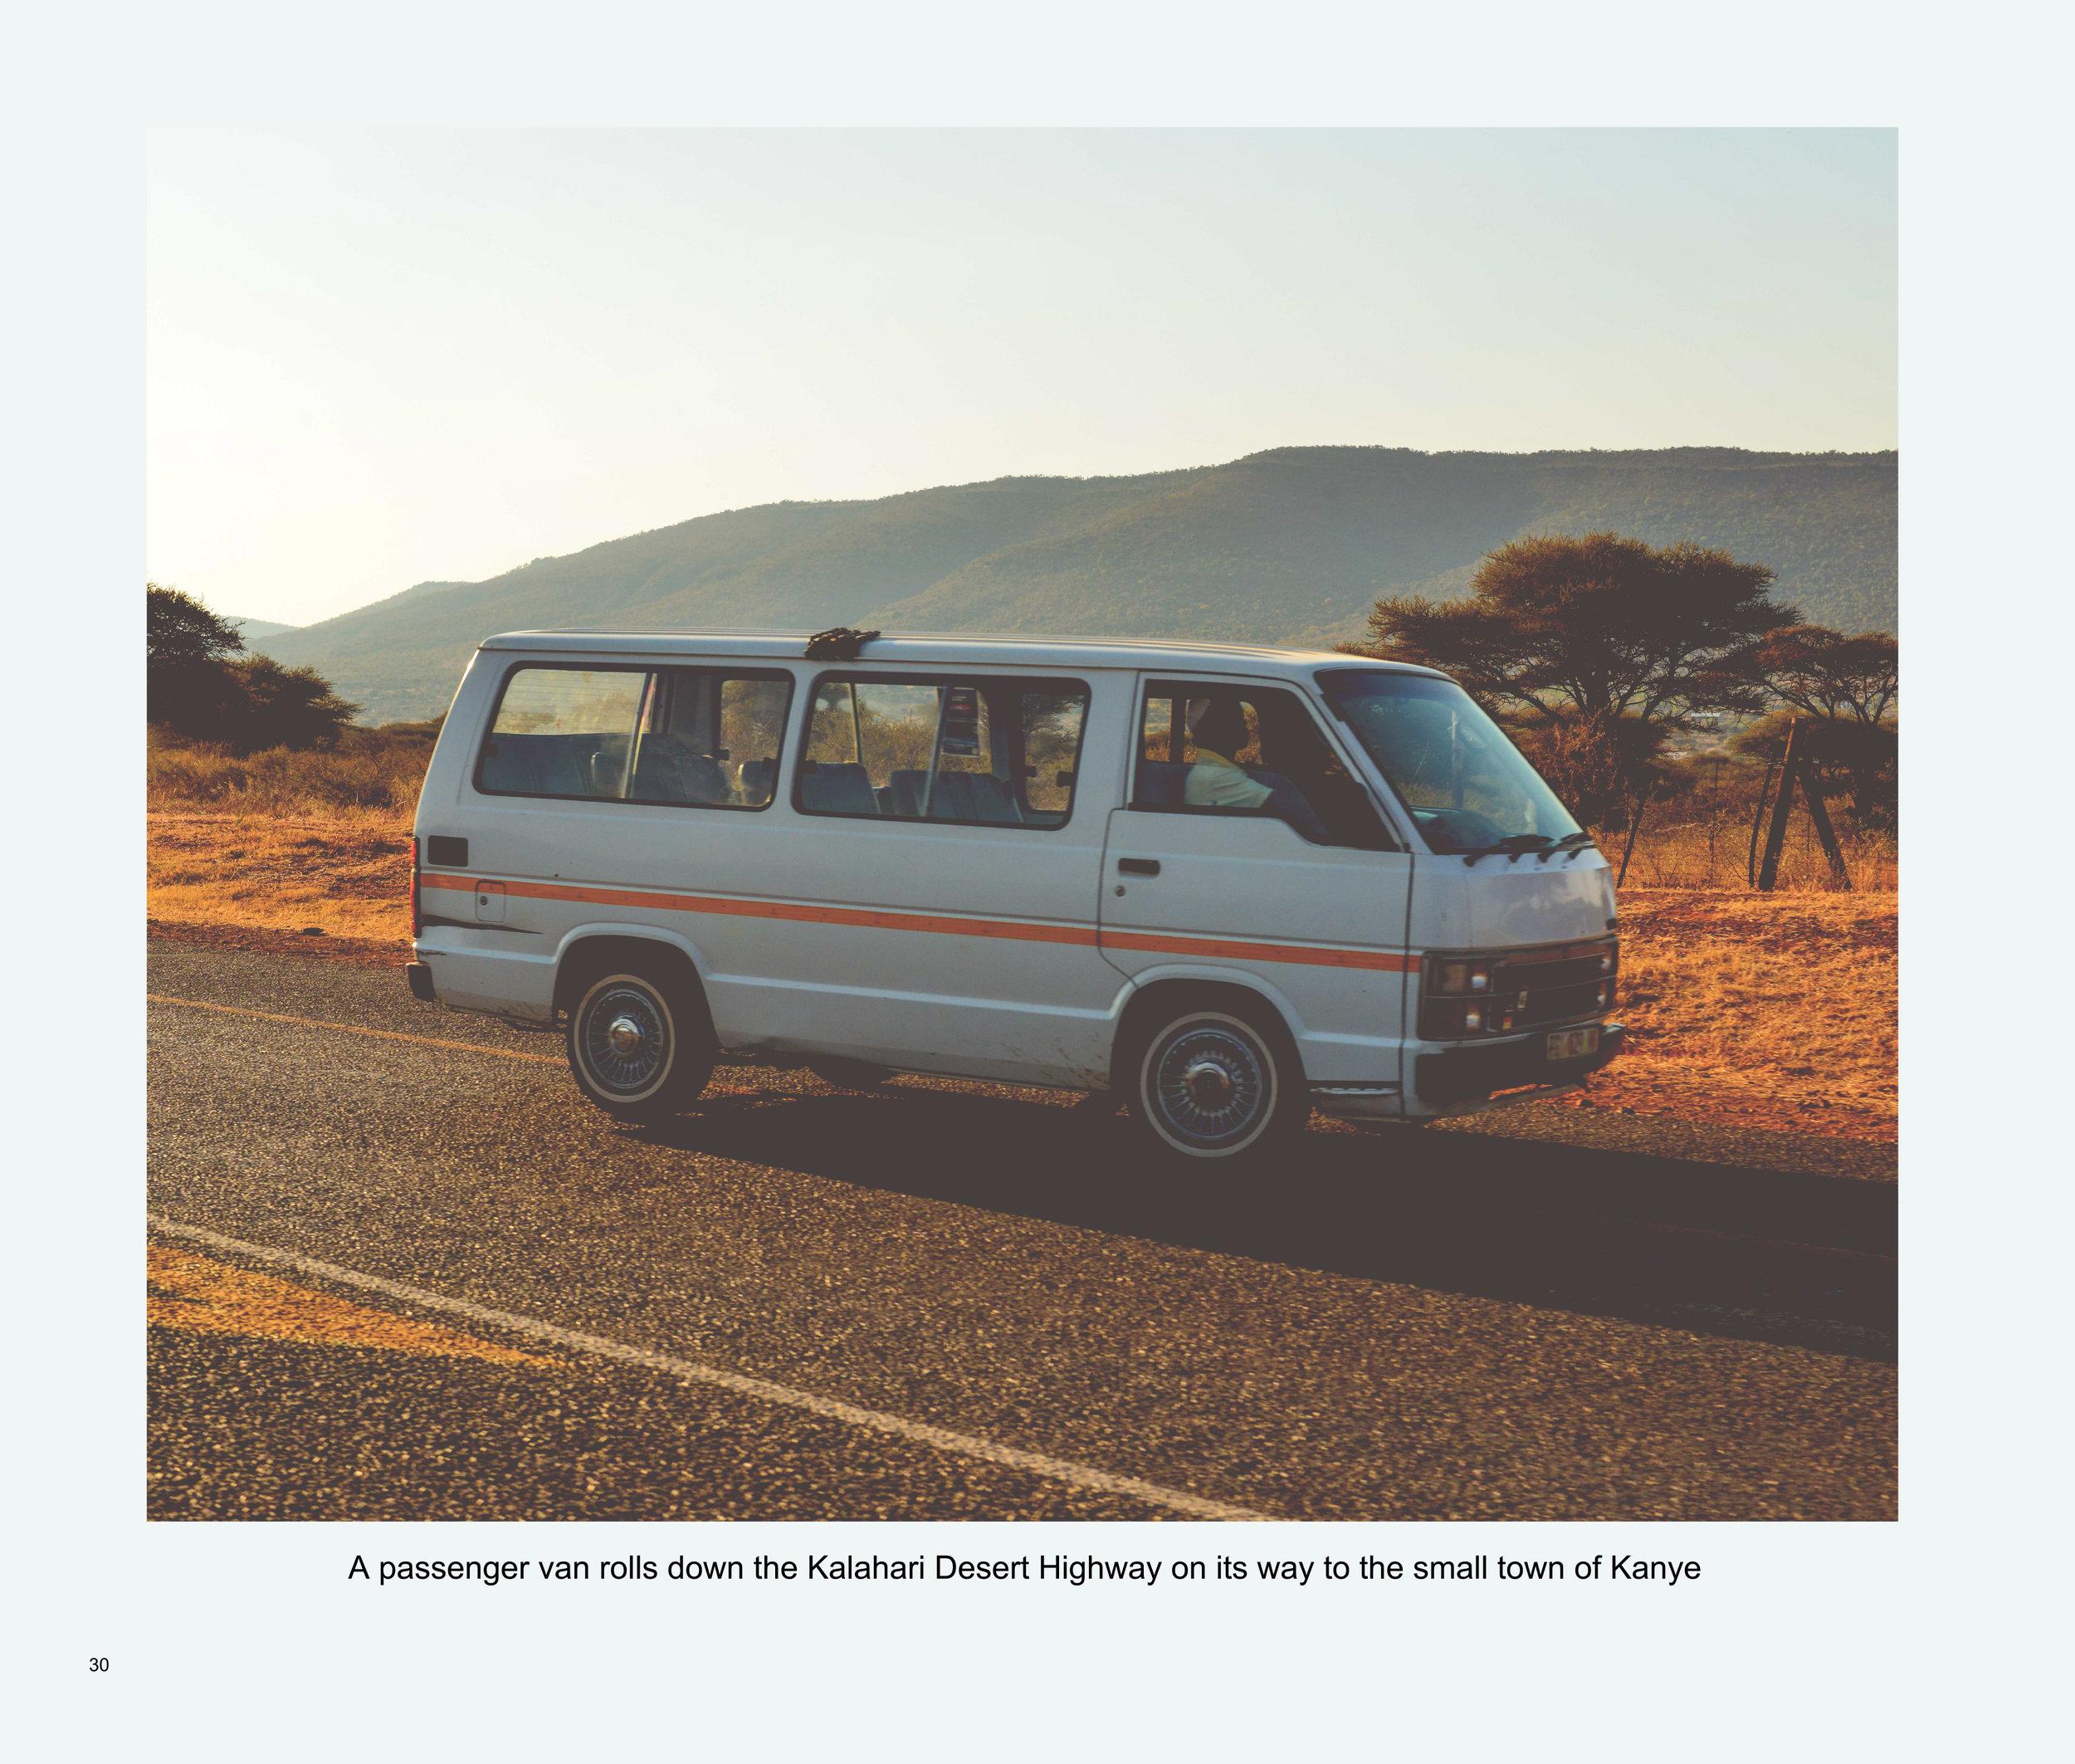 ImagesASouthernAfricaRoadTrip-32.jpg